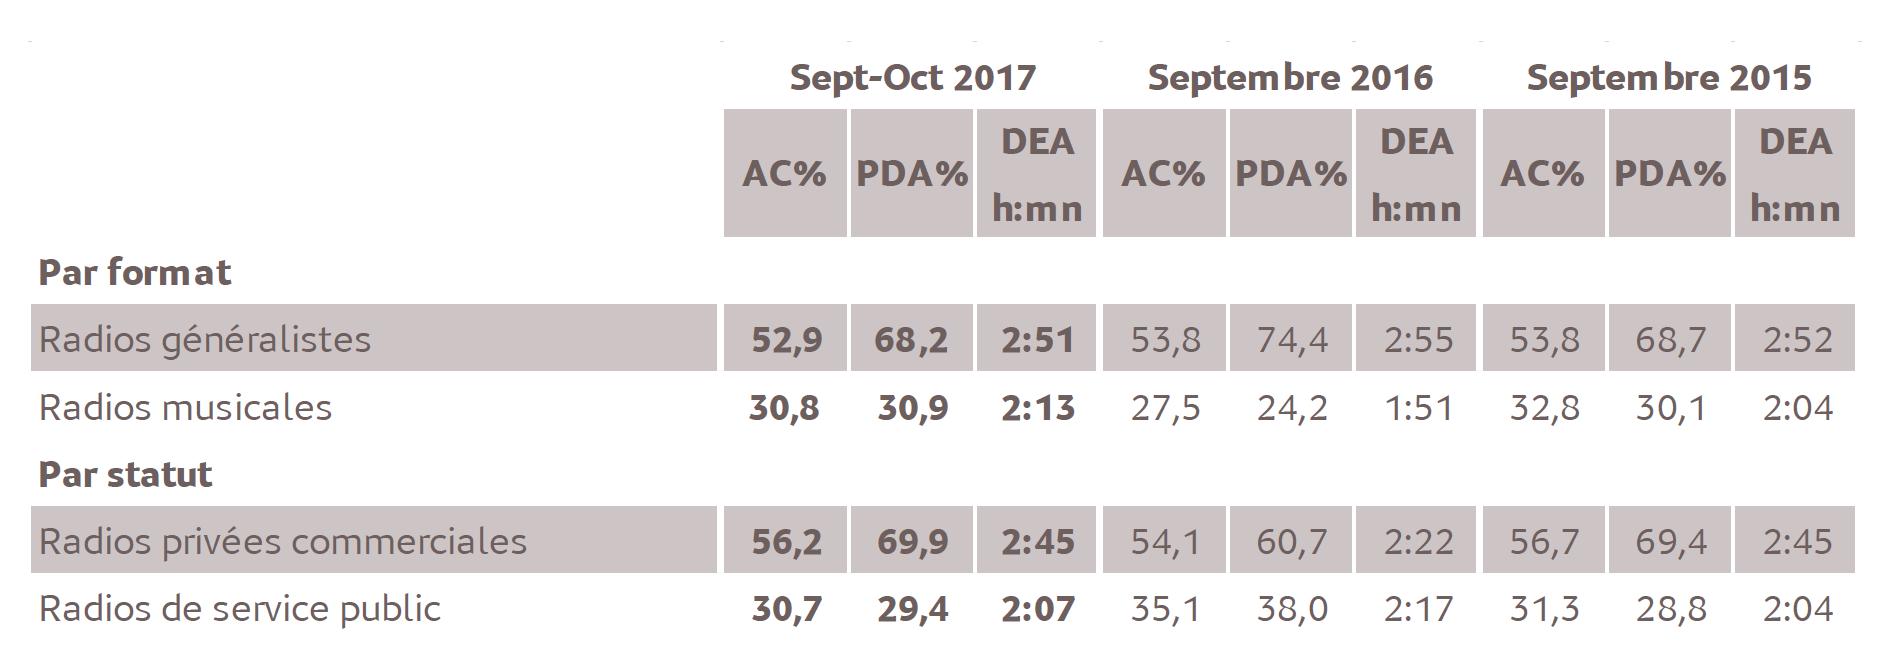 Source : Médiamétrie -Etude Nouvelle-Calédonie –Septembre-Octobre 2017 -13 ans et plus -Copyright Médiamétrie -Tous droits réservés